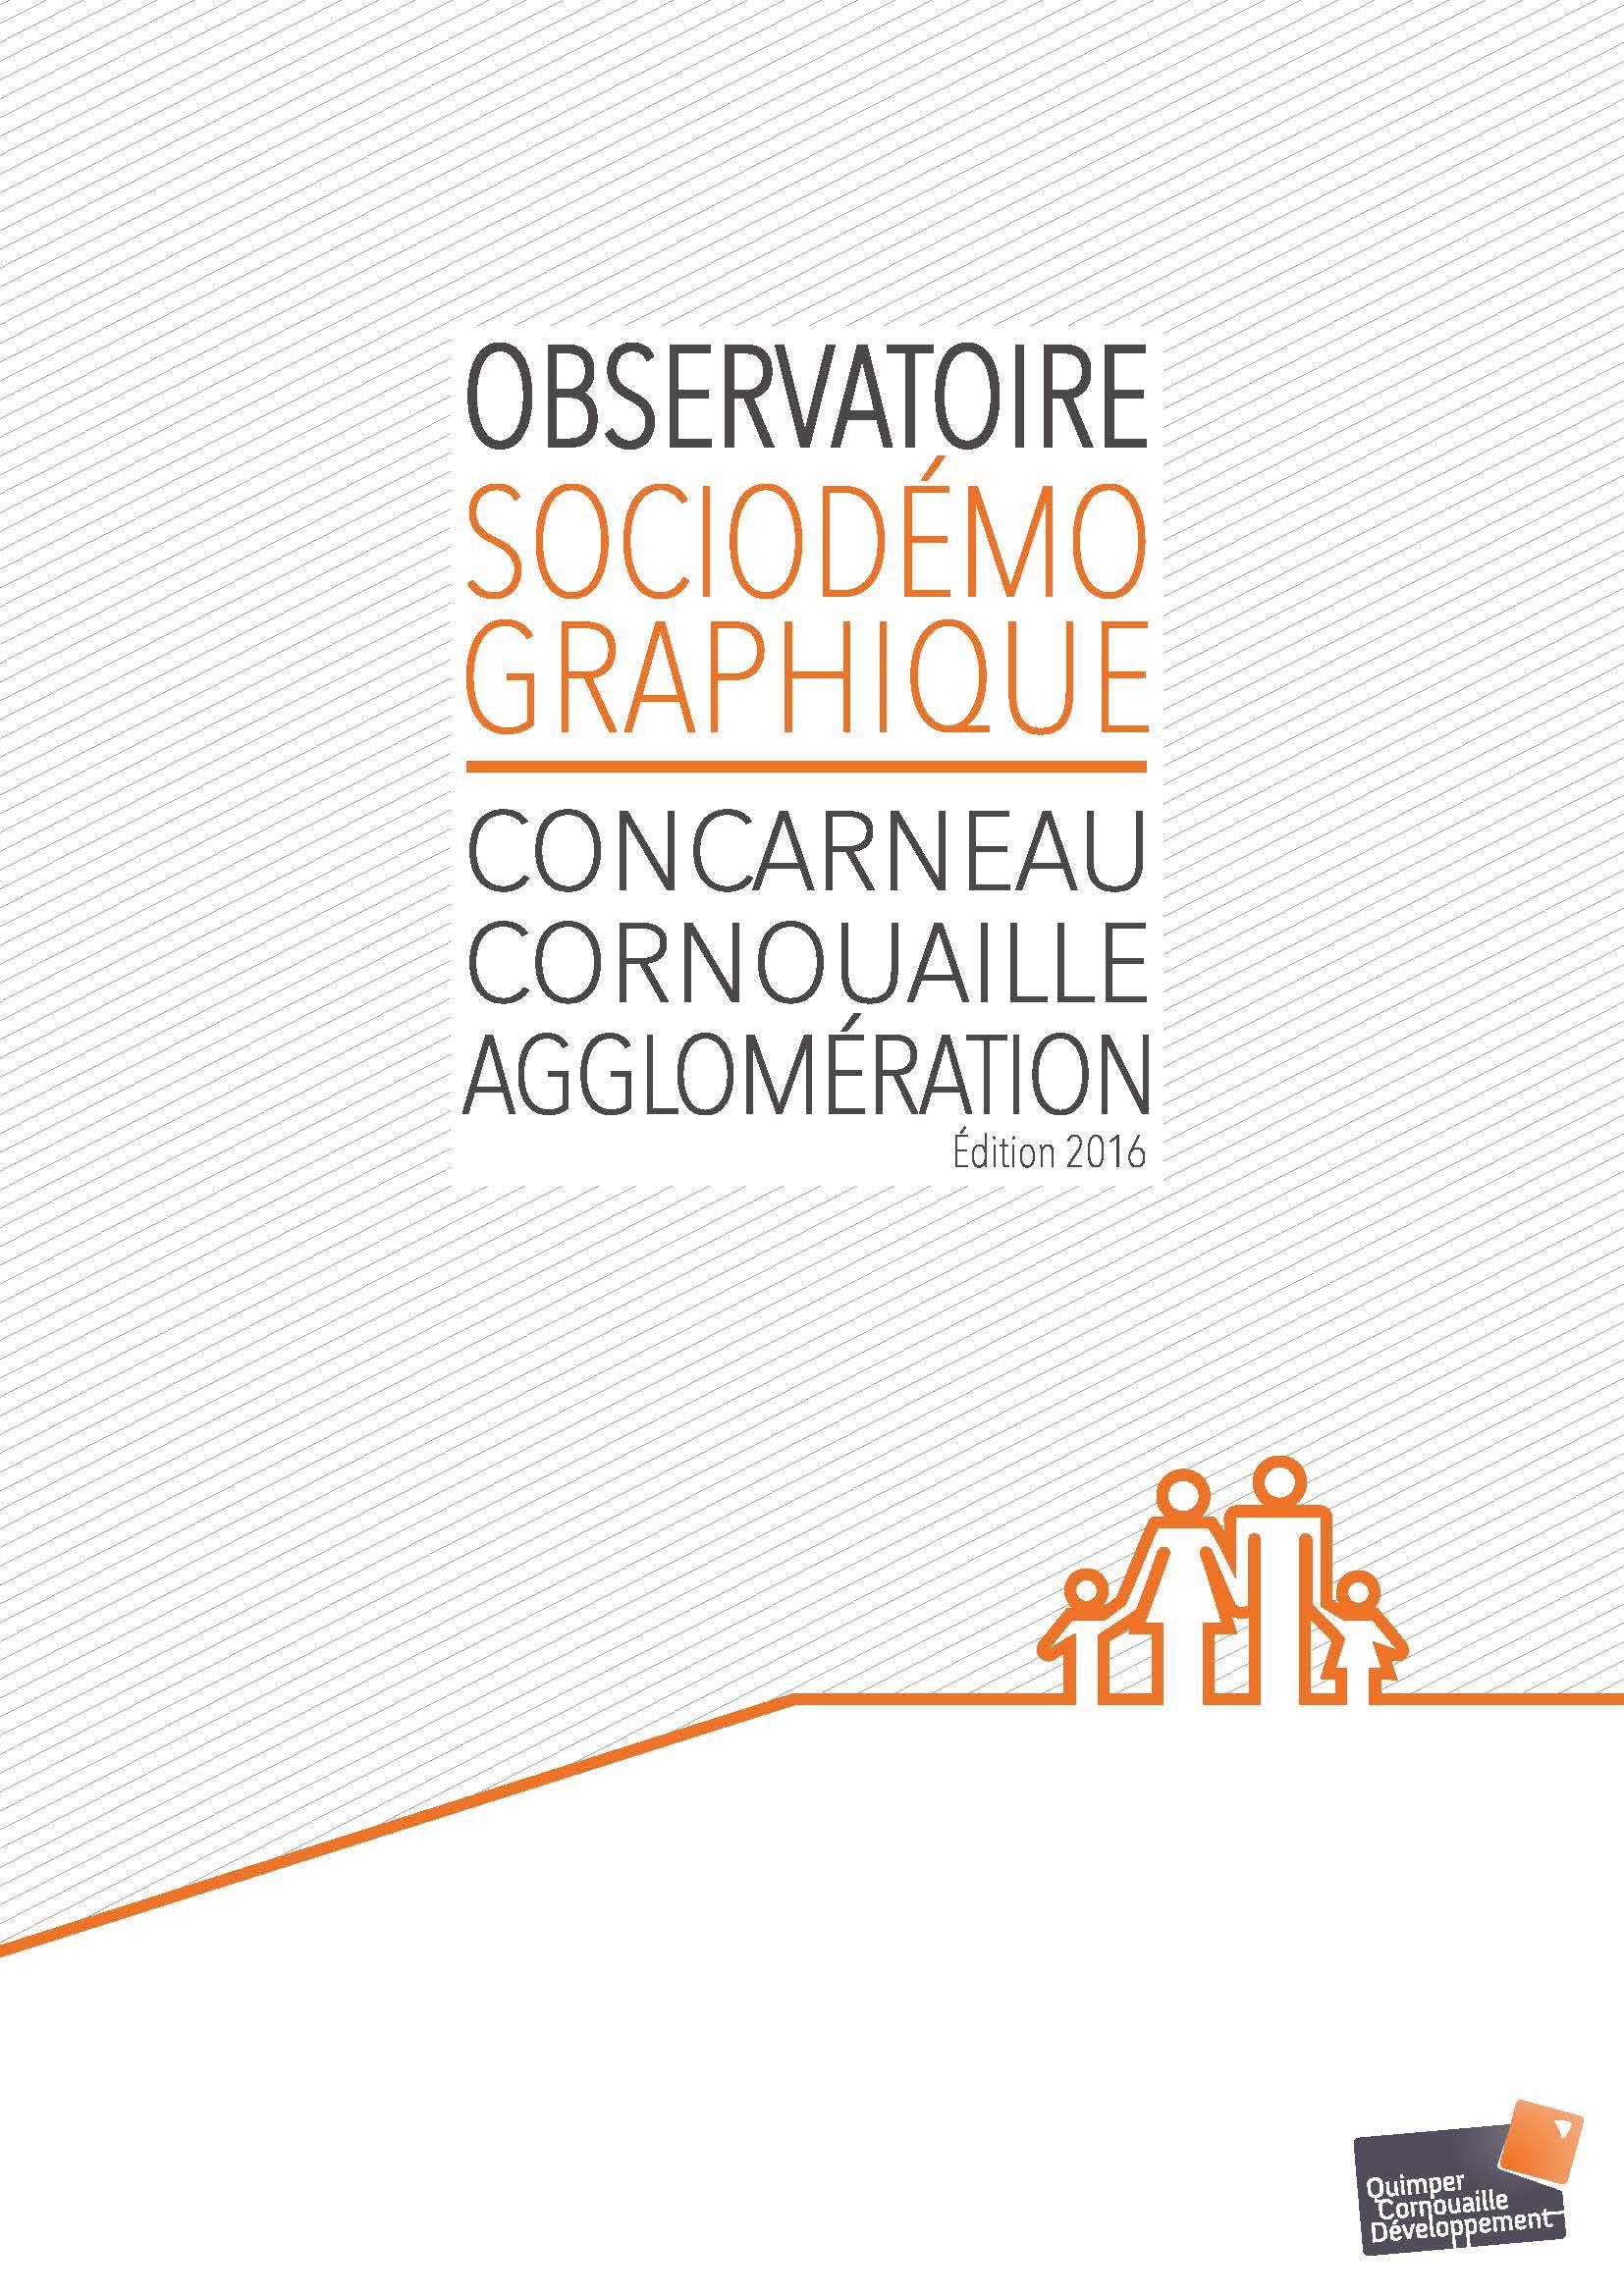 Observatoire socio-démographique de Concarneau Cornouaille Agglomération (Quimper Cornouaille Développement